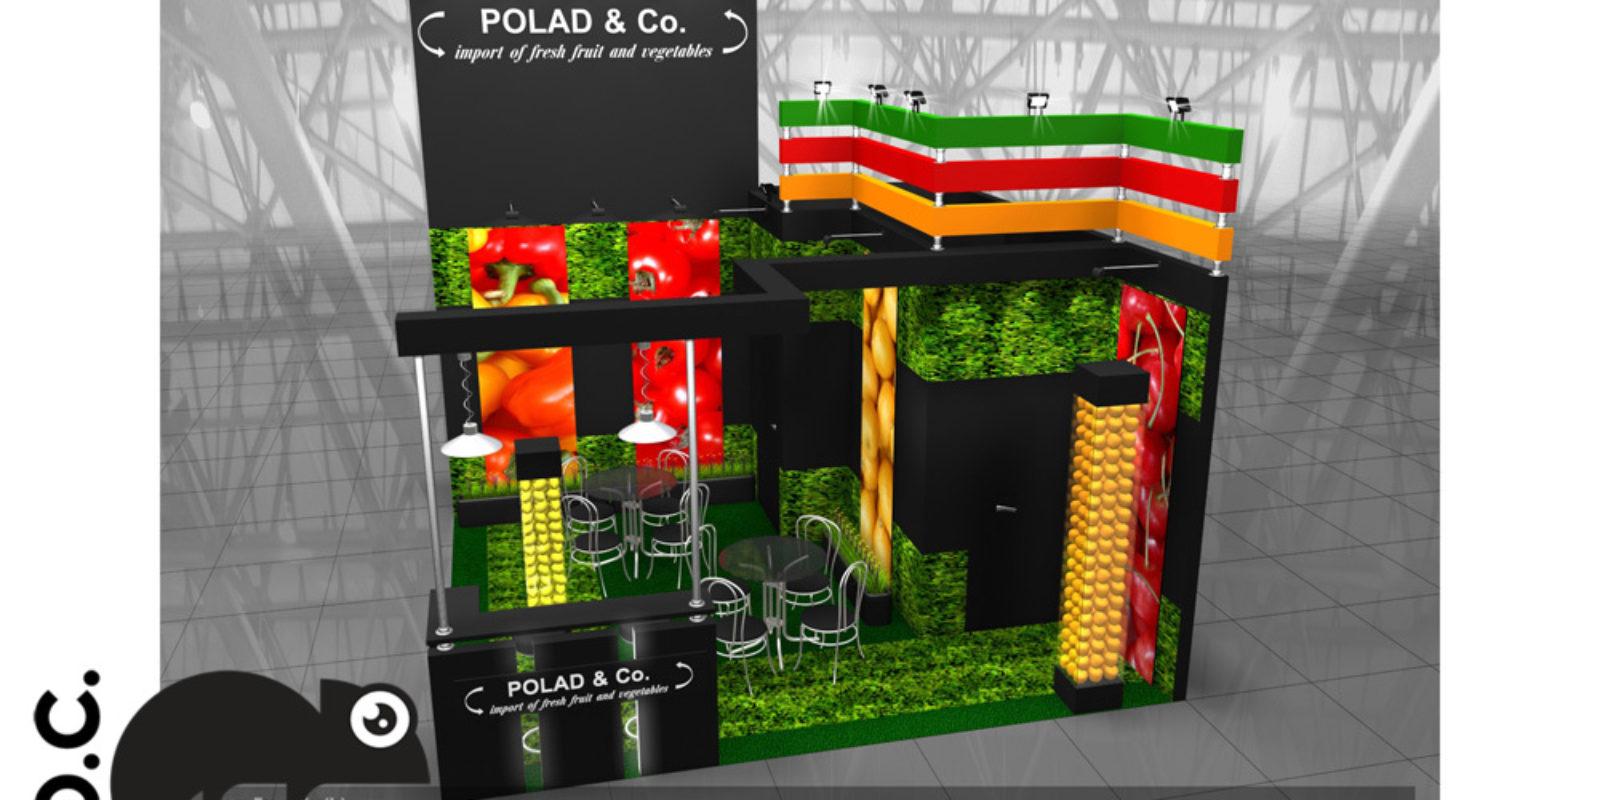 Дизайн проект выставочного стенда для компании Polad&Co.